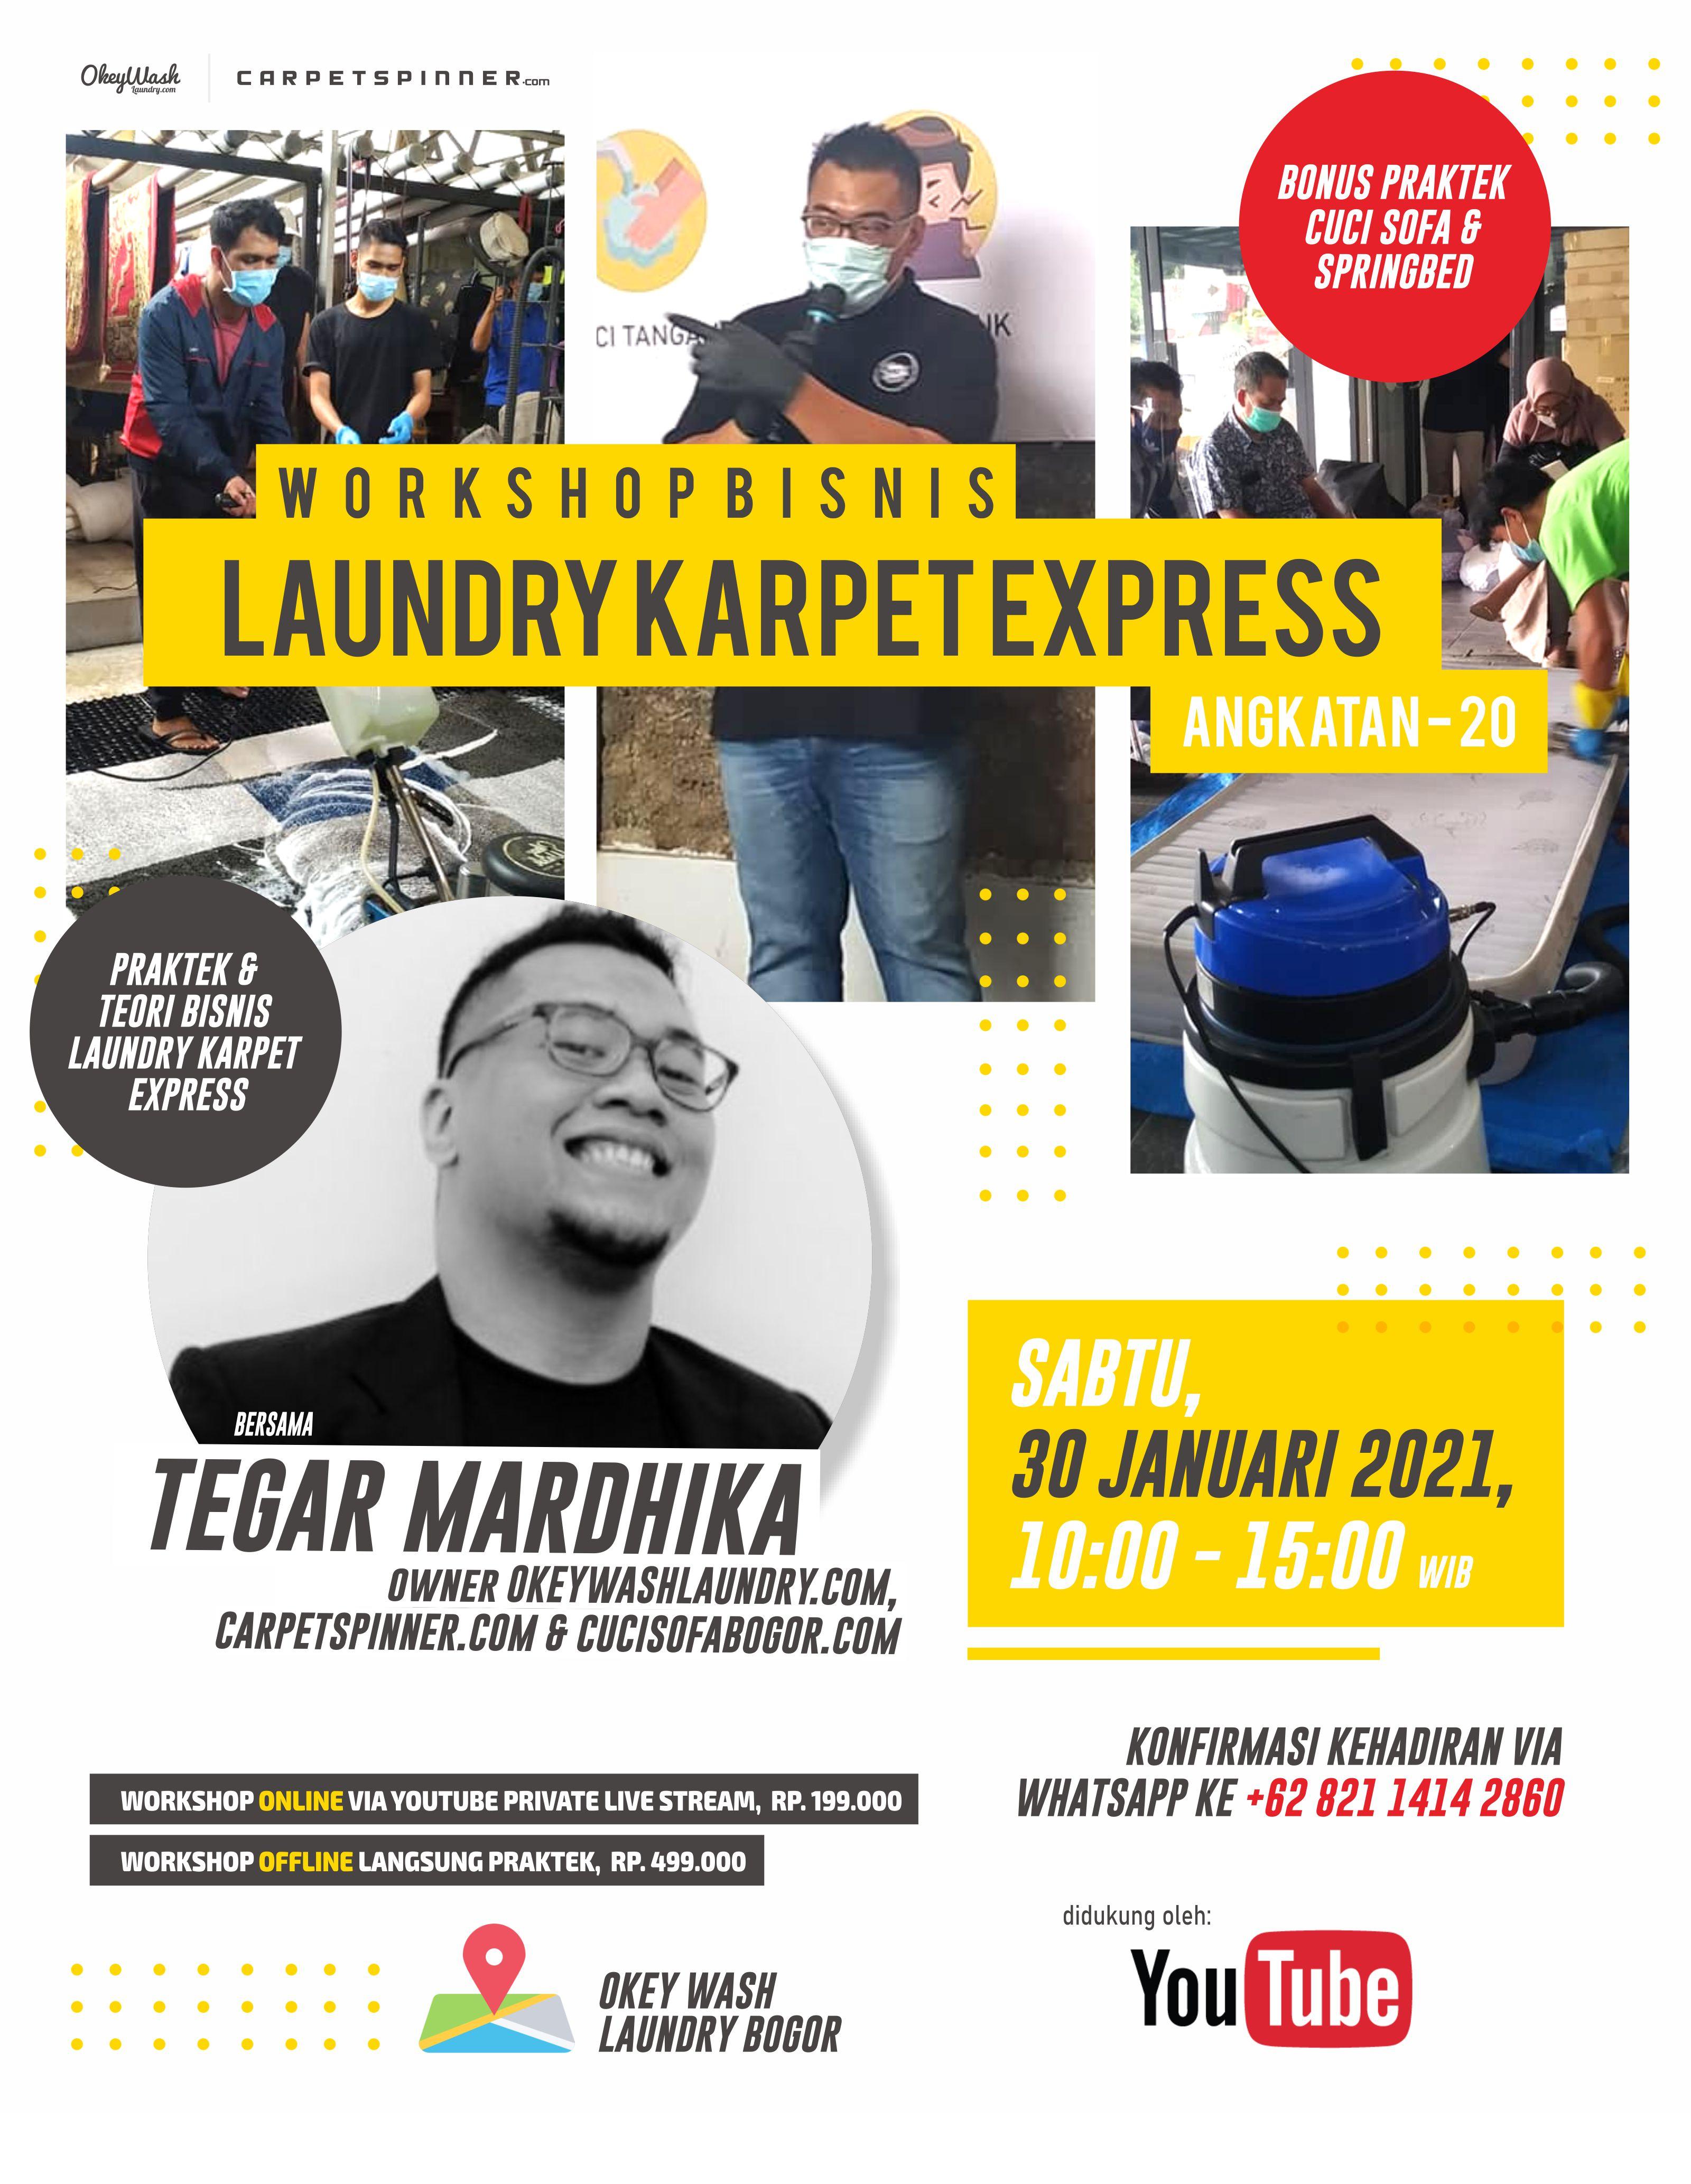 Workshop Bisnis Laundry Karpet Express, 30 Januari 2021. Daftar Sekarang Juga Via WhatsApp ke +6282114142860!